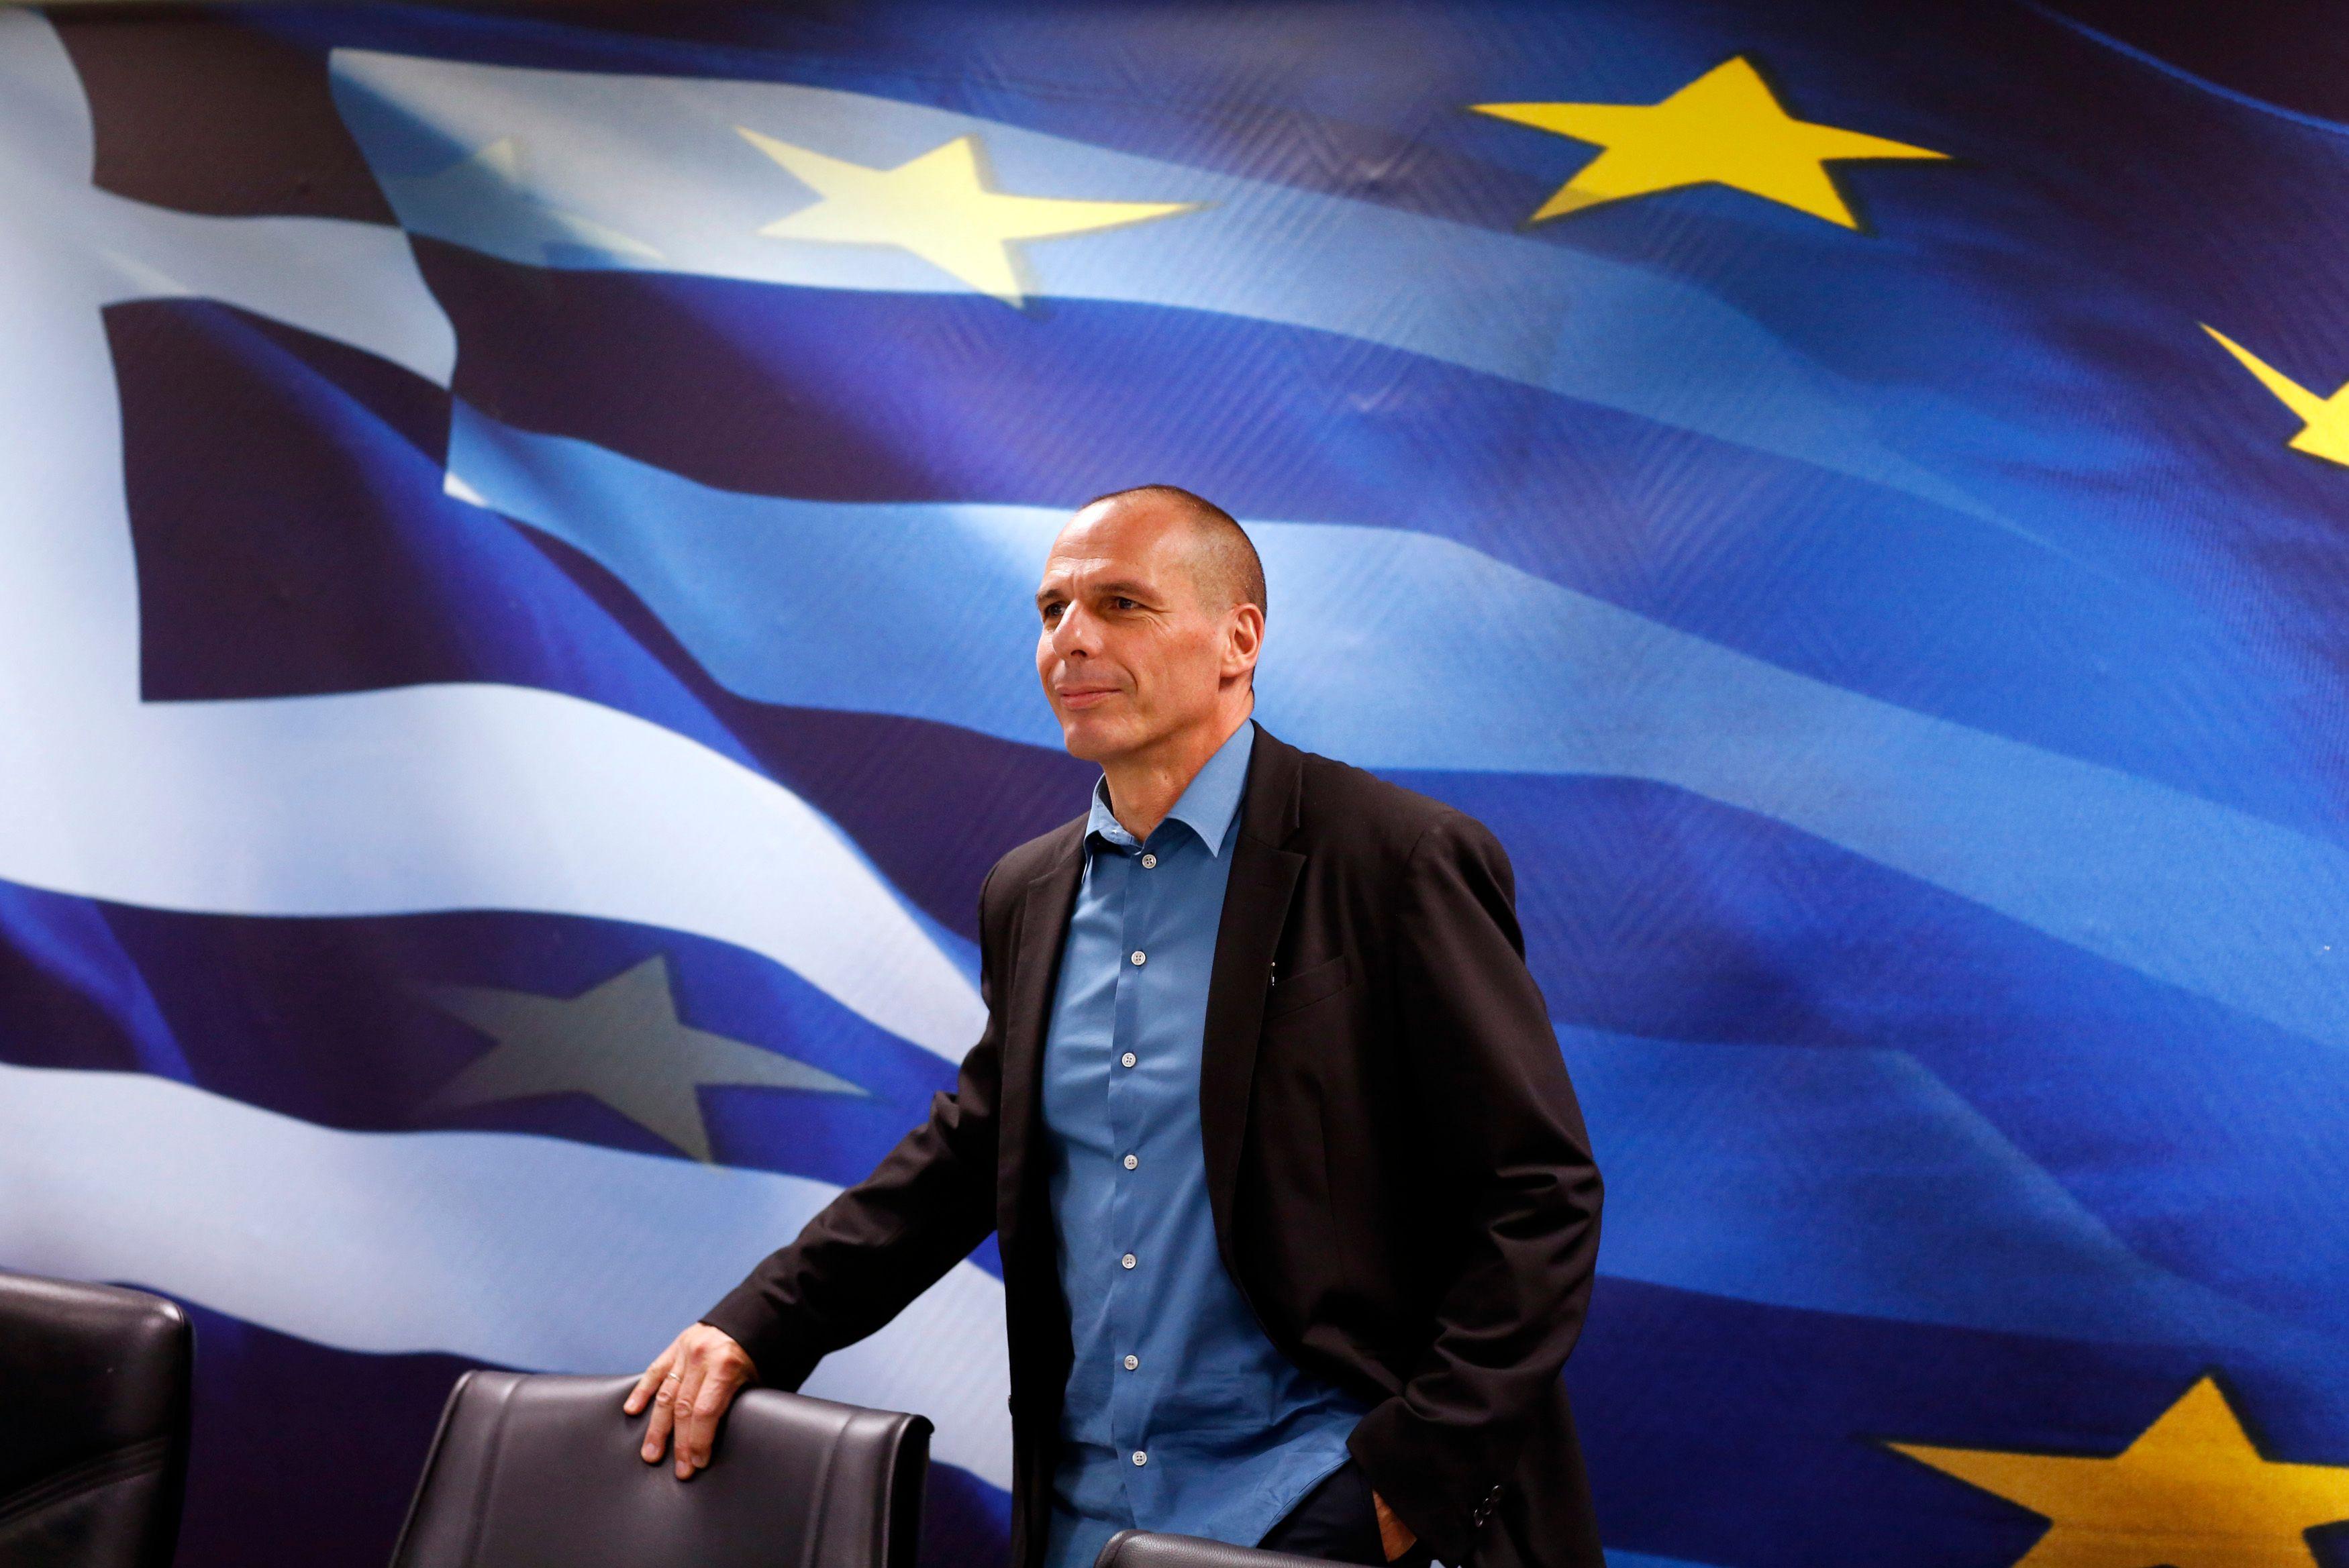 Grèce : Yanis Varoufakis annonce qu'il votera pour le parti de l'Unité populaire aux législatives anticipées